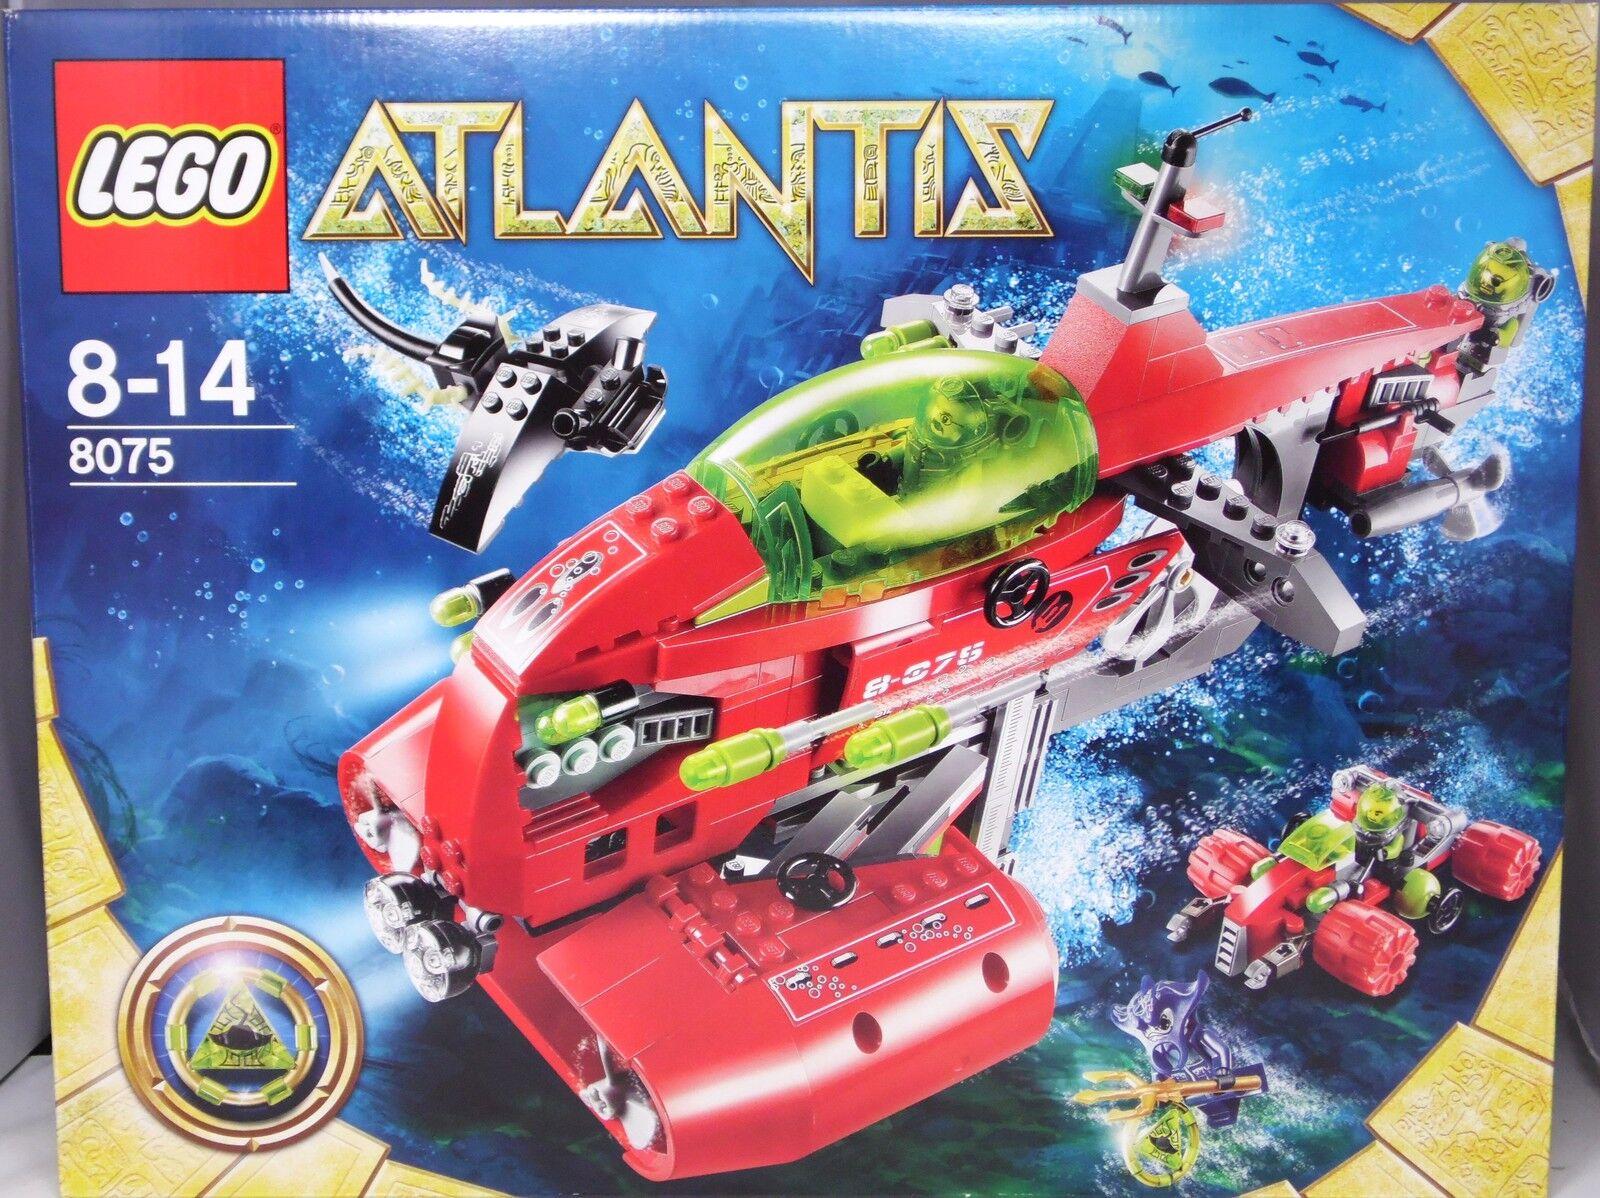 LEGO sous l'eau Atlantis 8075 Neptune Sous-marin et  scooter non ouvert neuf nouveau  vente en ligne